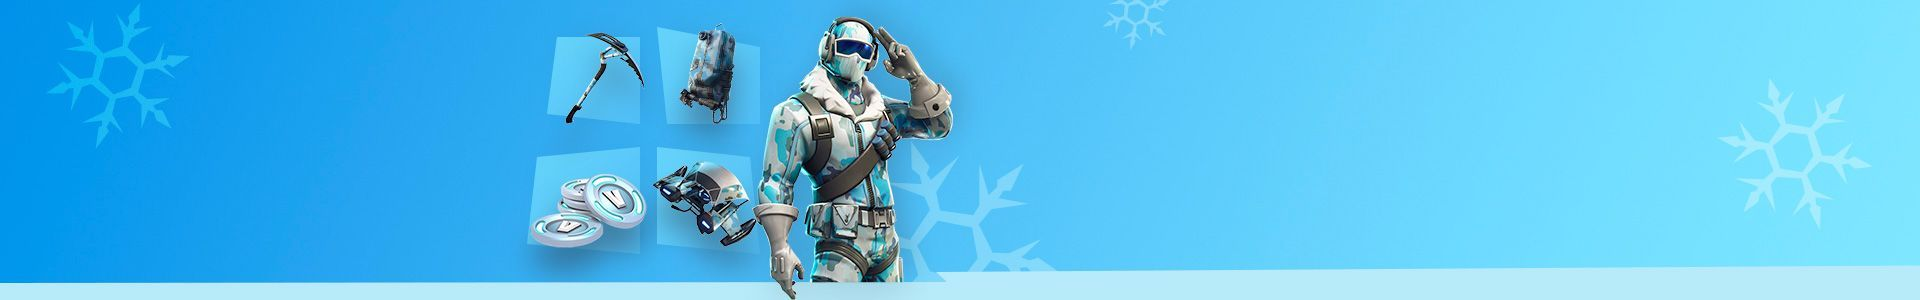 Fortnite Deep Freeze